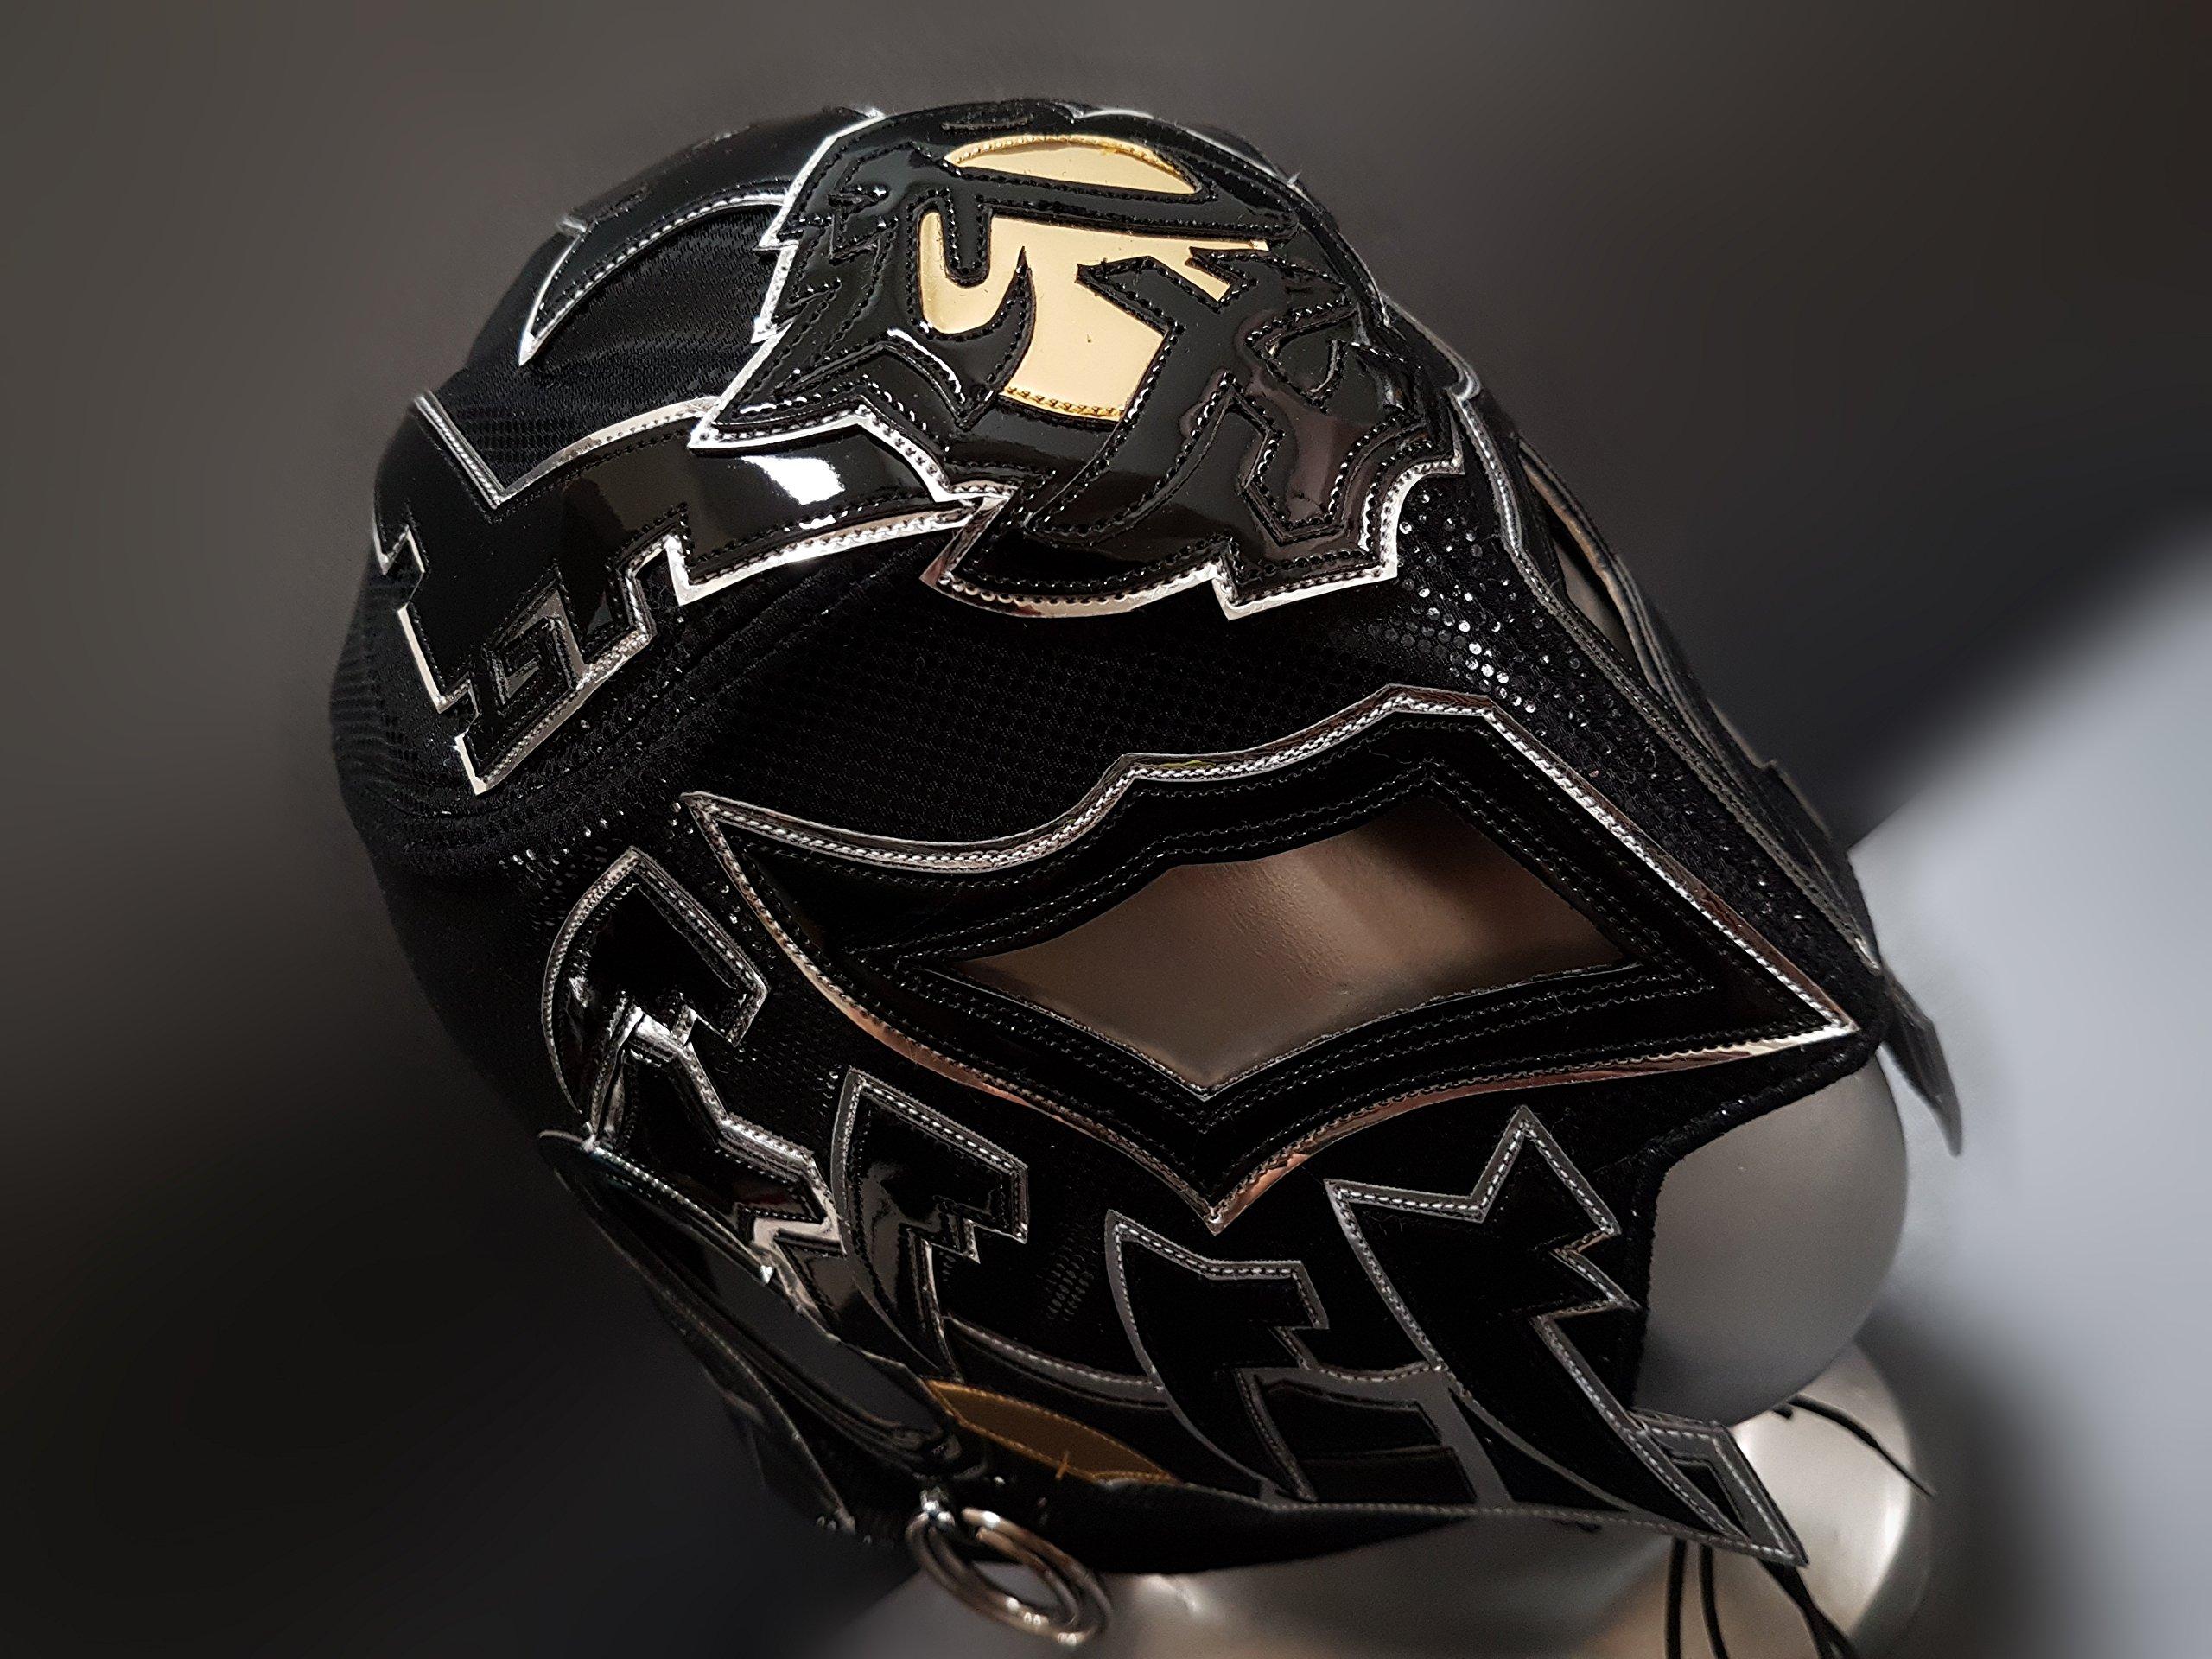 REAL PRO BUSHI MASK WRESTLING MASK LUCHADOR COSTUME WRESTLER LUCHA LIBRE MEXICAN MASKE